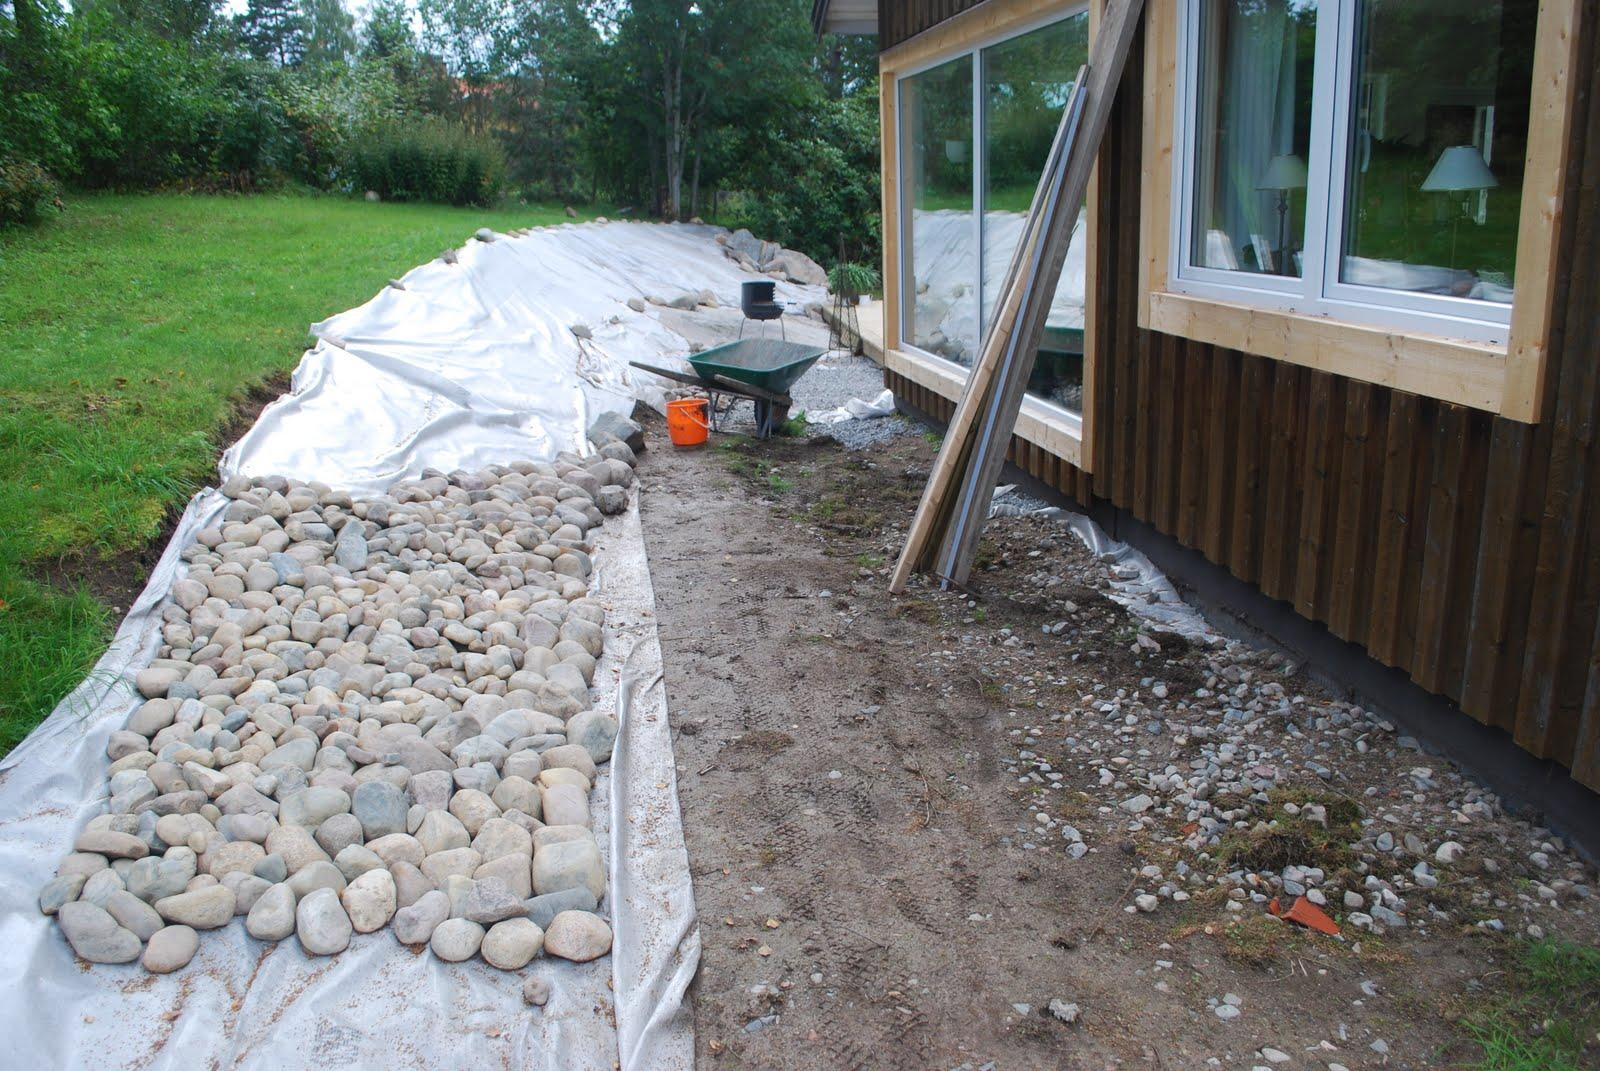 Merjas TrädgÃ¥rd: Sten fattigt : trädgård sten : Trädgård